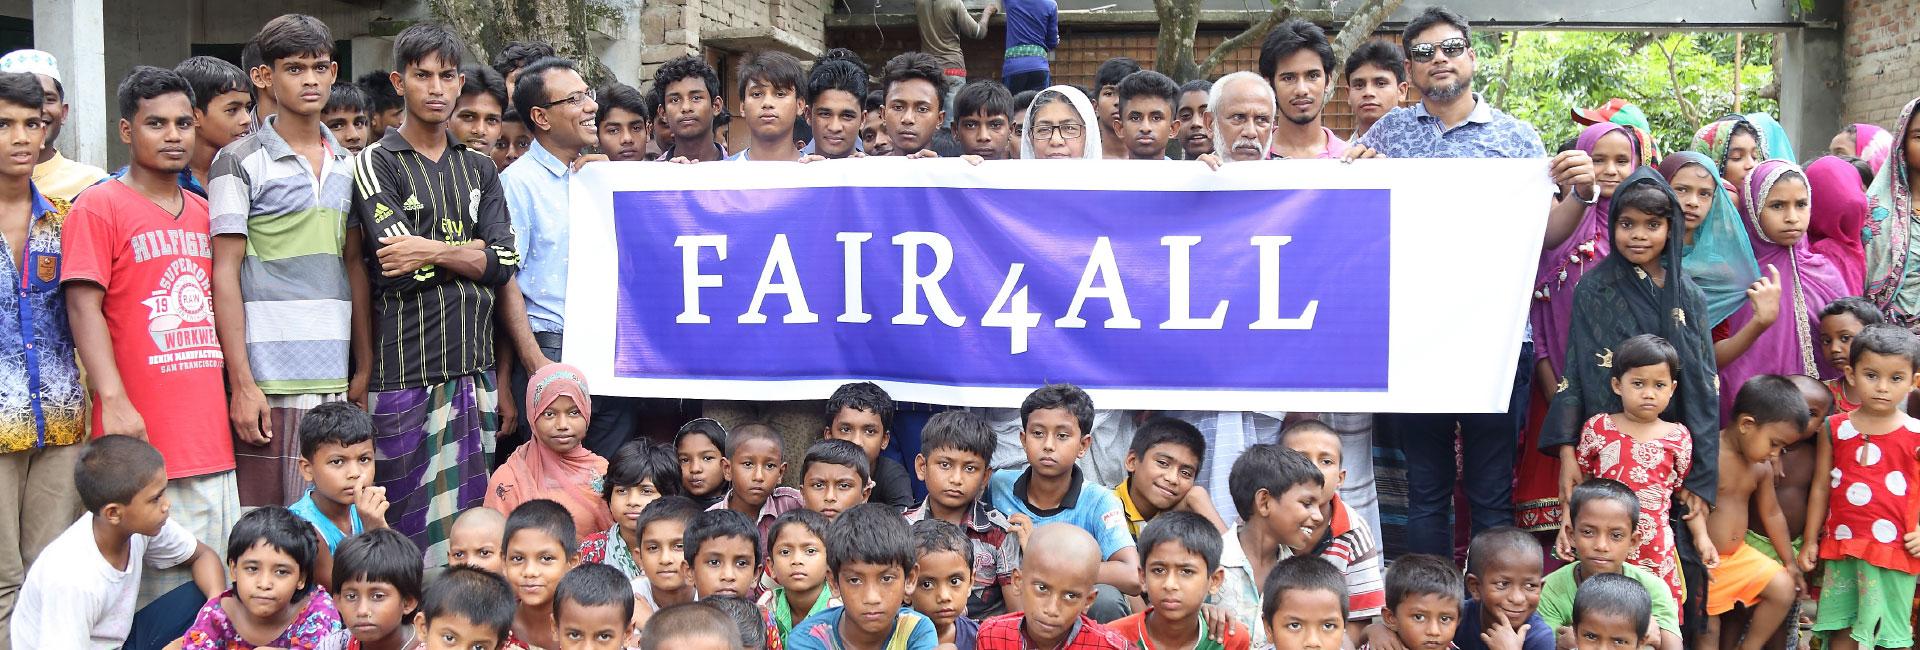 FAIR4ALL - Mehr als ein Slogan